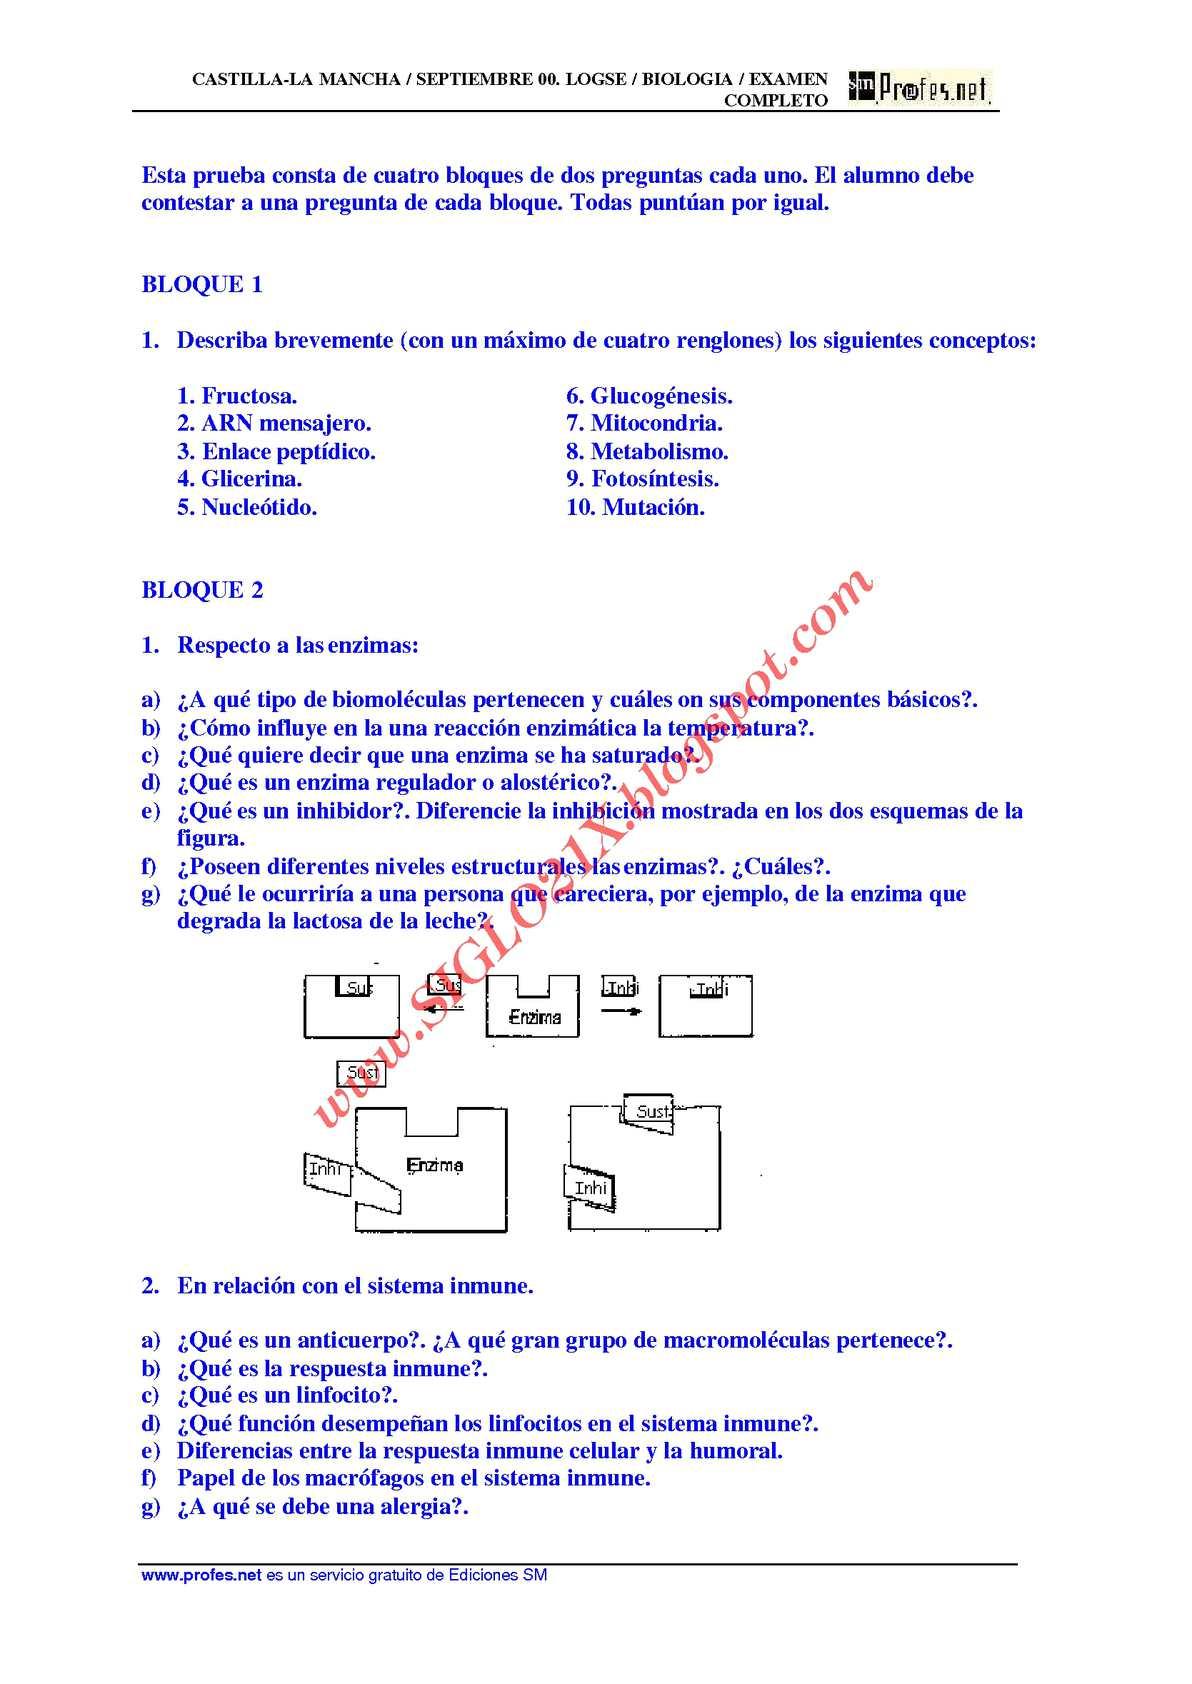 BIOLOGIA-SELECTIVIDAD-EXAMEN 10 RESUELTO- CASTILLA-LA MANCHA-www.SIGLO21X.blogspot.com